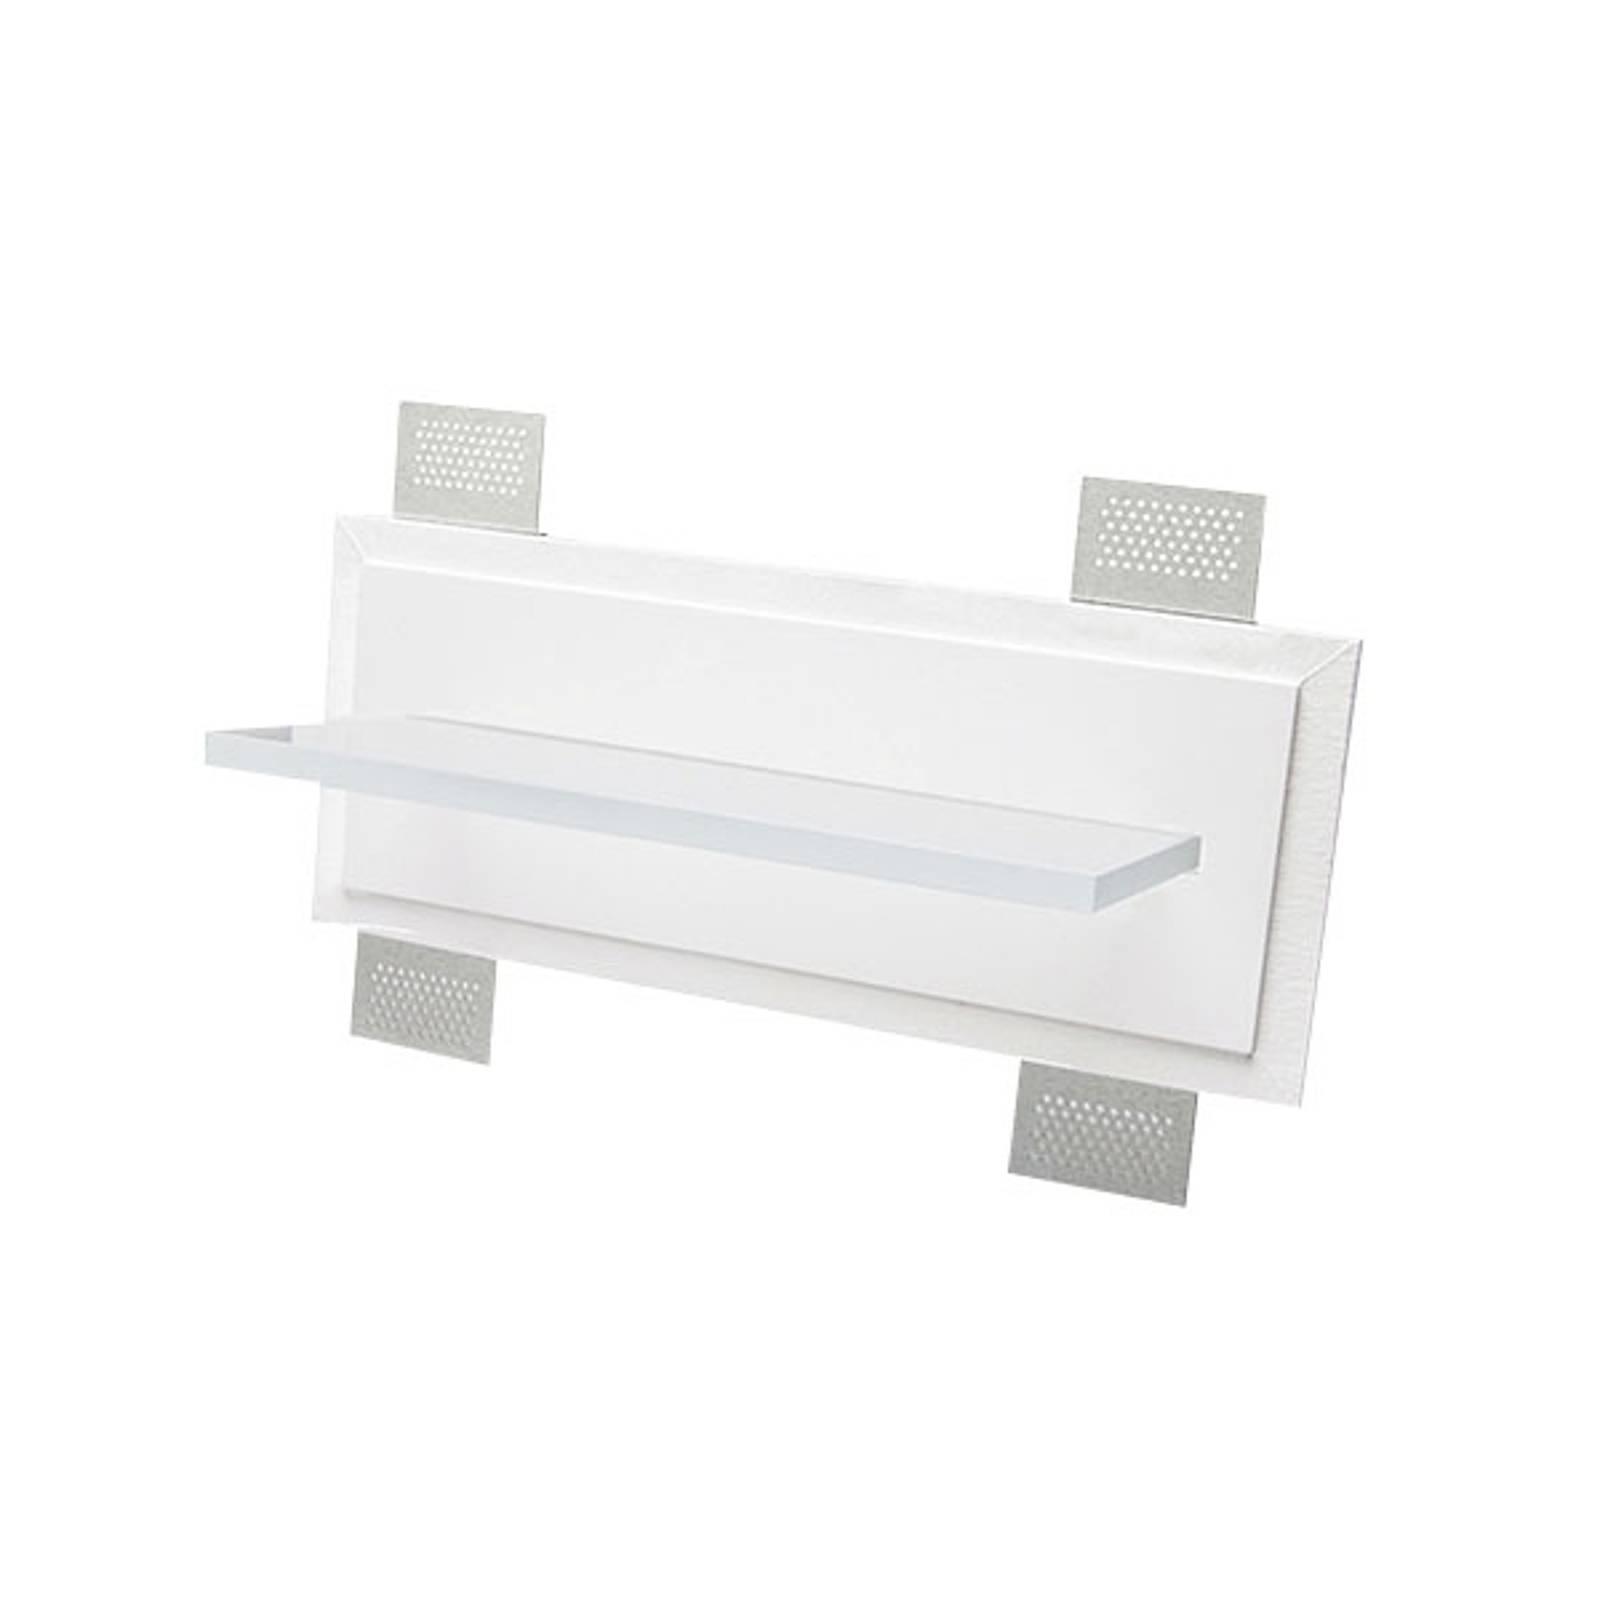 LED-seinäuppovalaisin 2484A, leveys 40 cm, 3 000 K